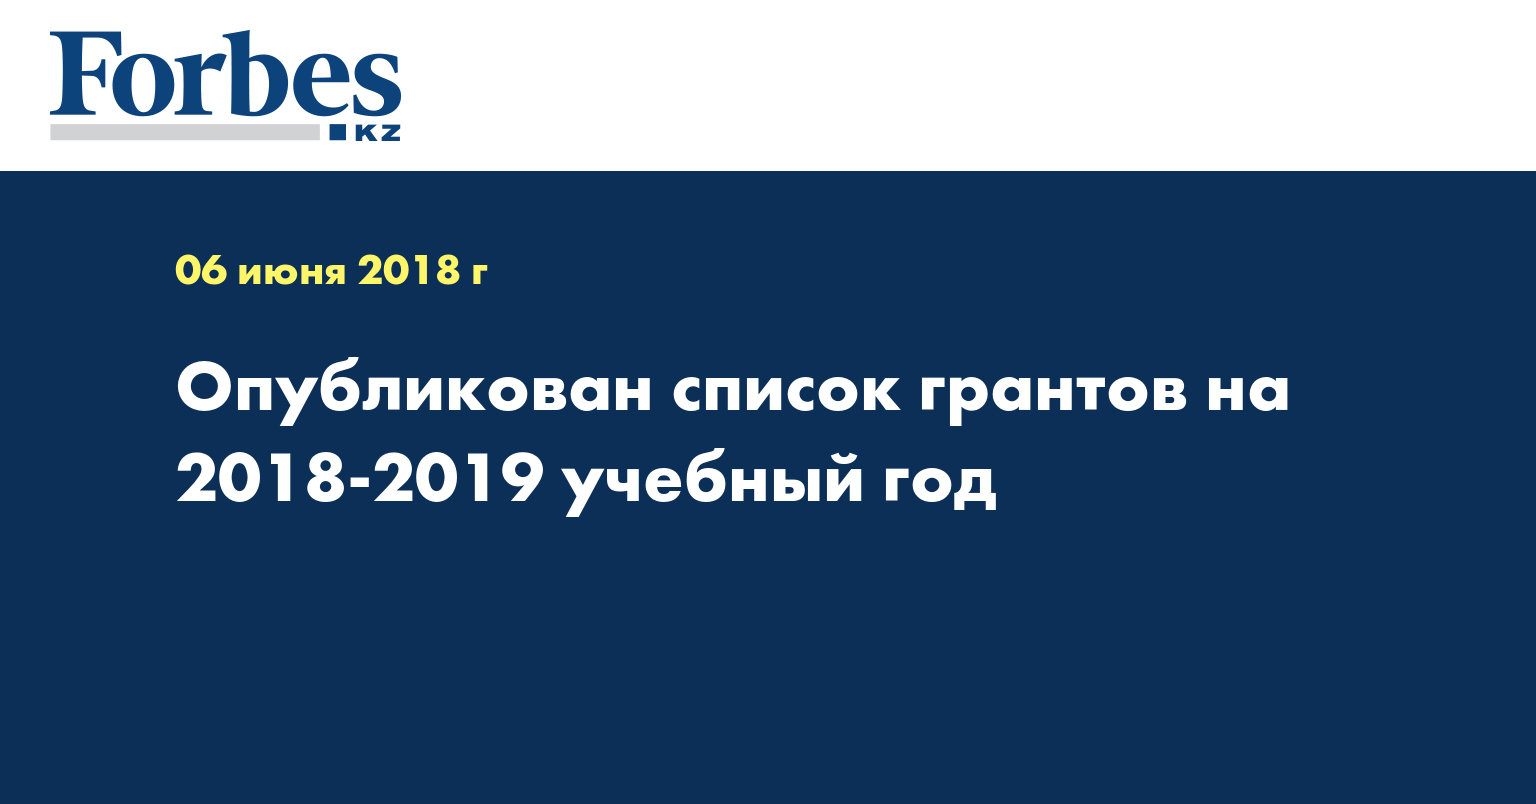 Опубликован список грантов на 2018-2019 учебный год